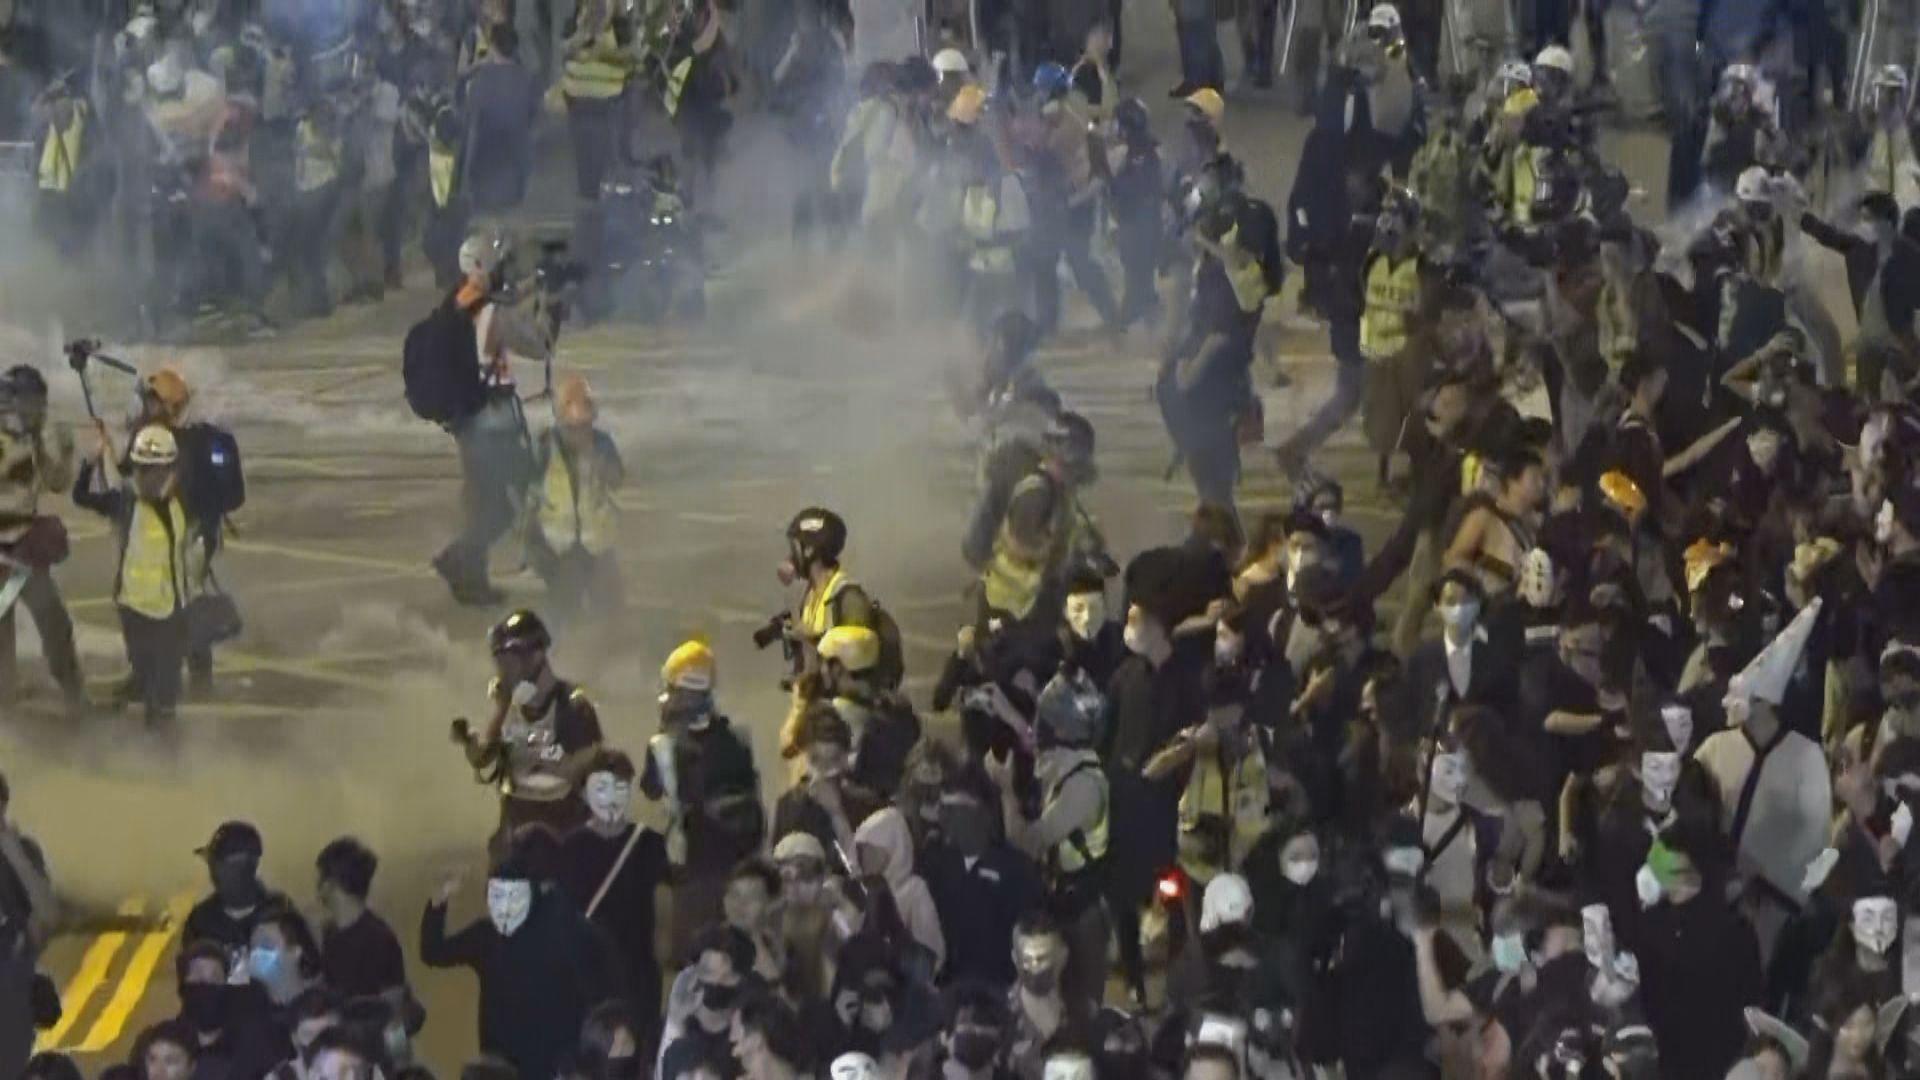 警方晚上在蘭桂坊施放催淚彈驅散群眾